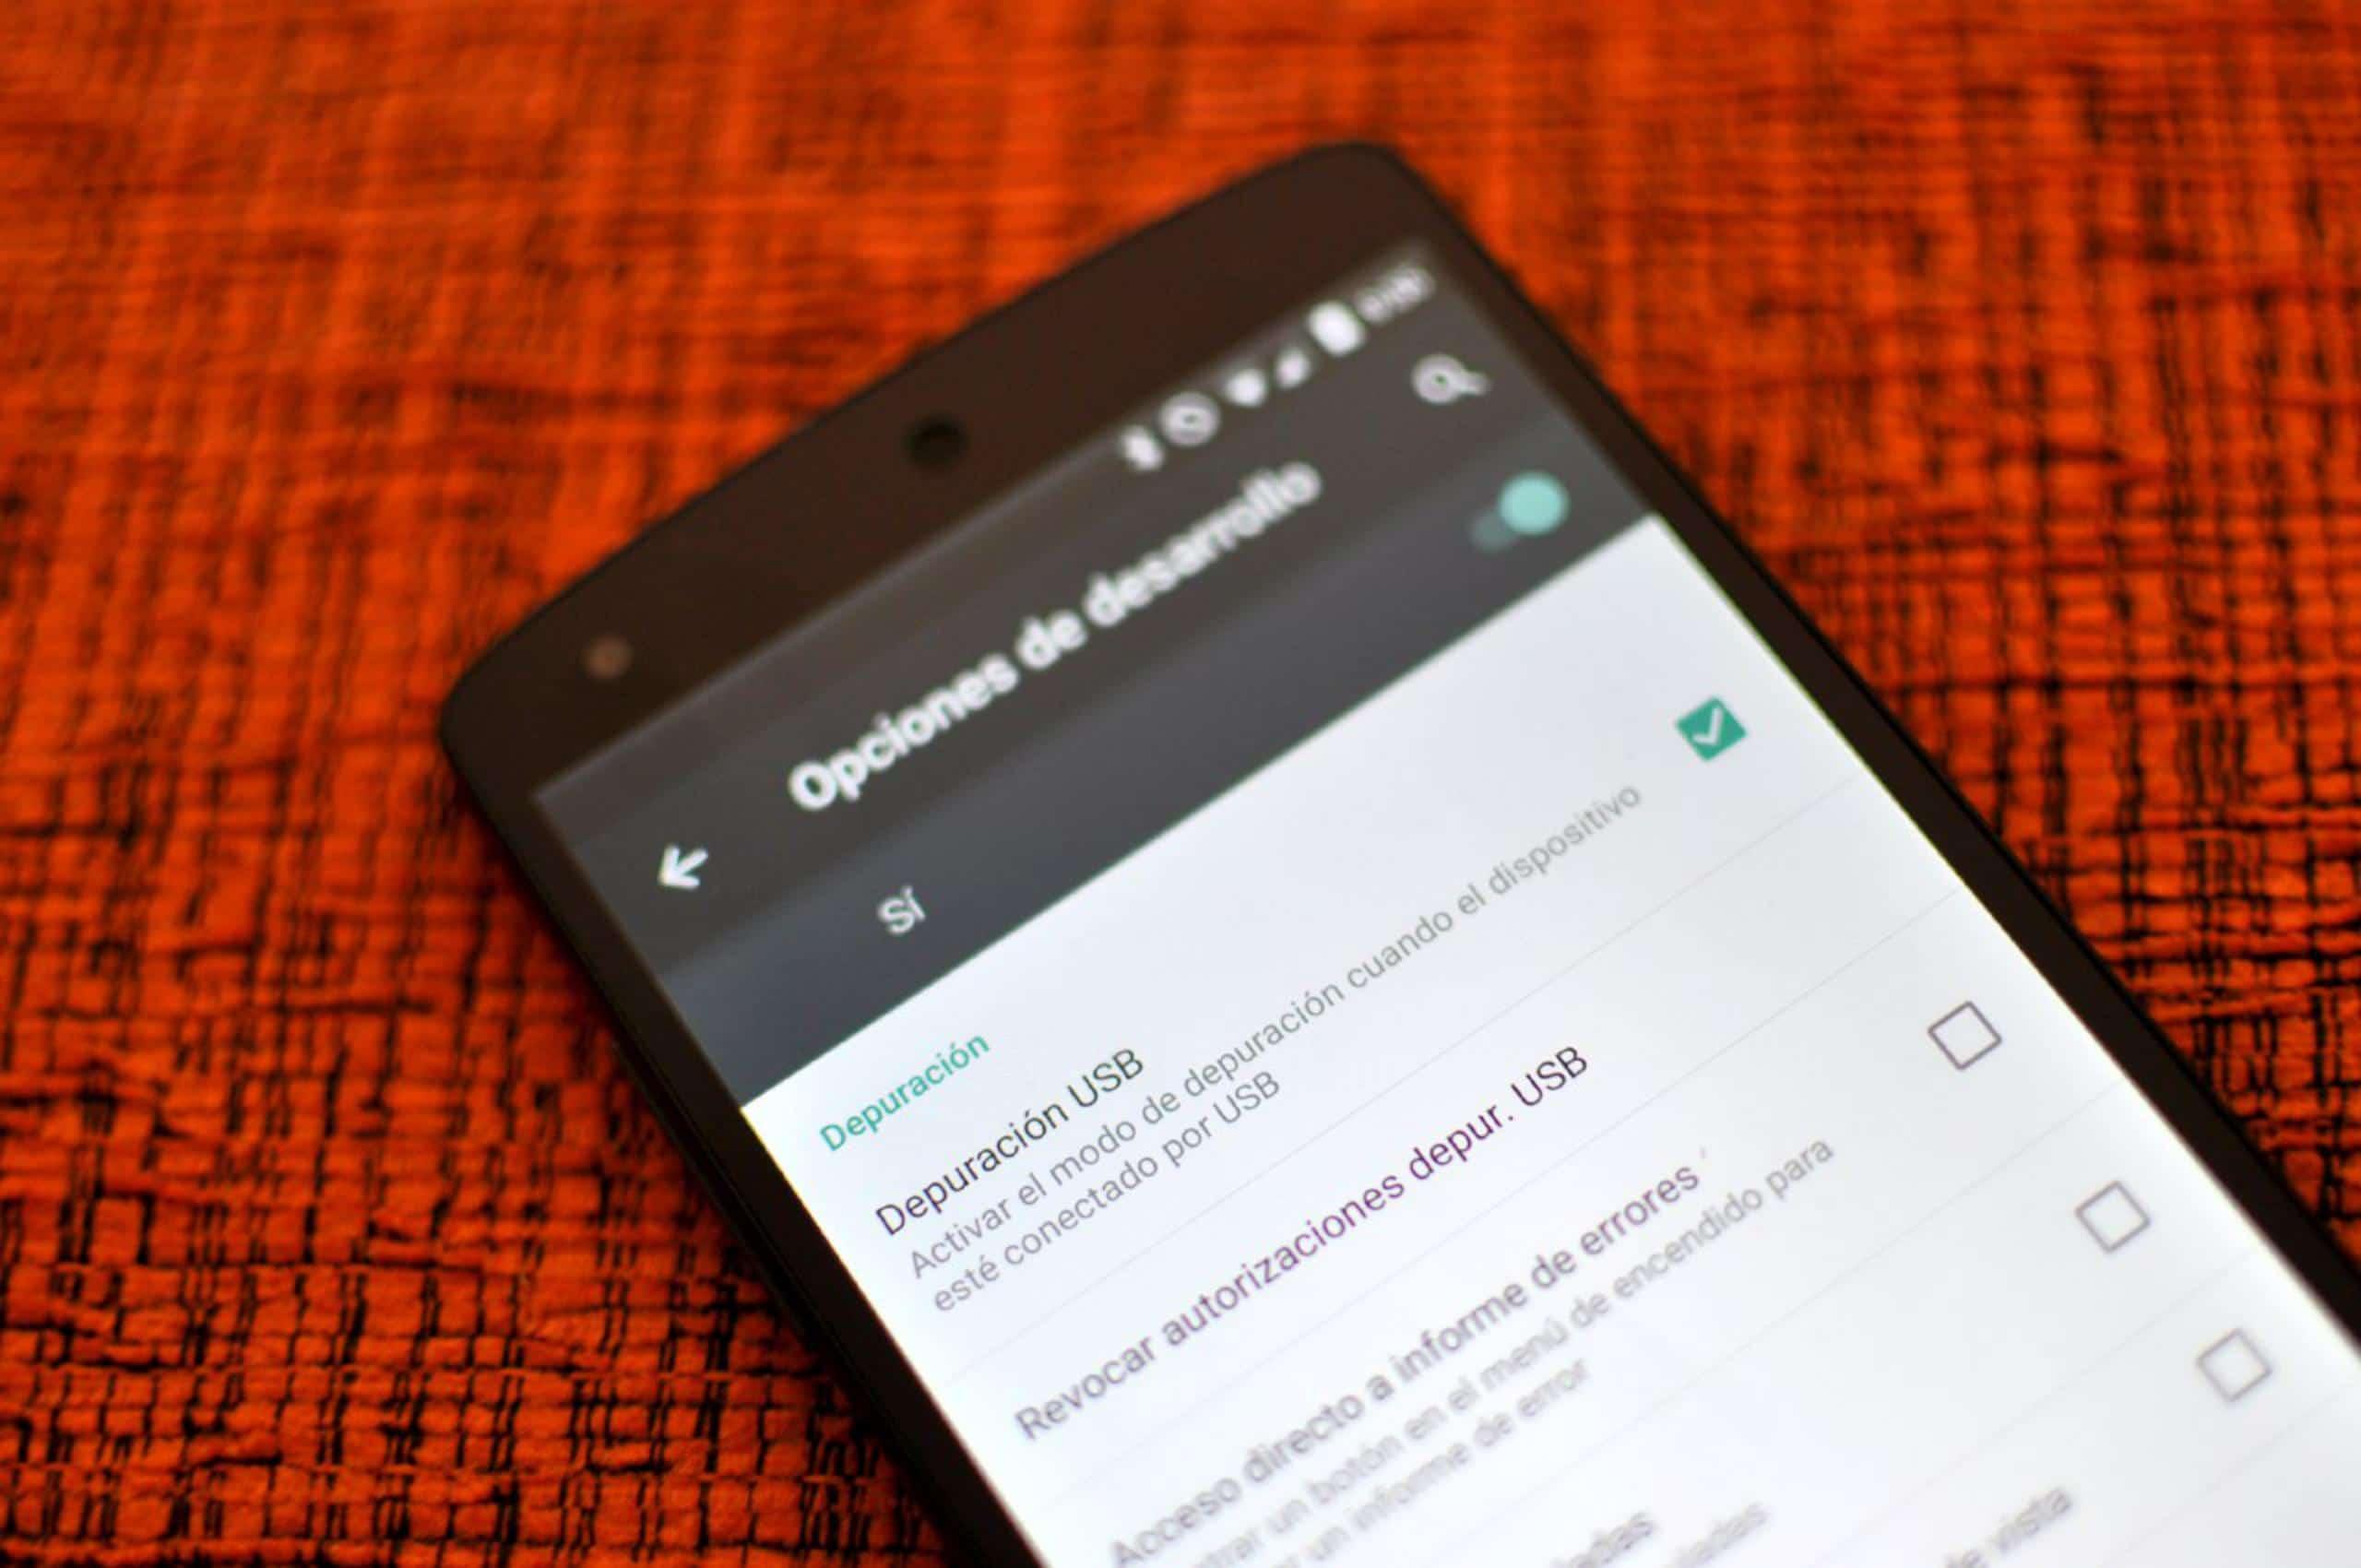 Activar depuración USB en android a pantalla rota